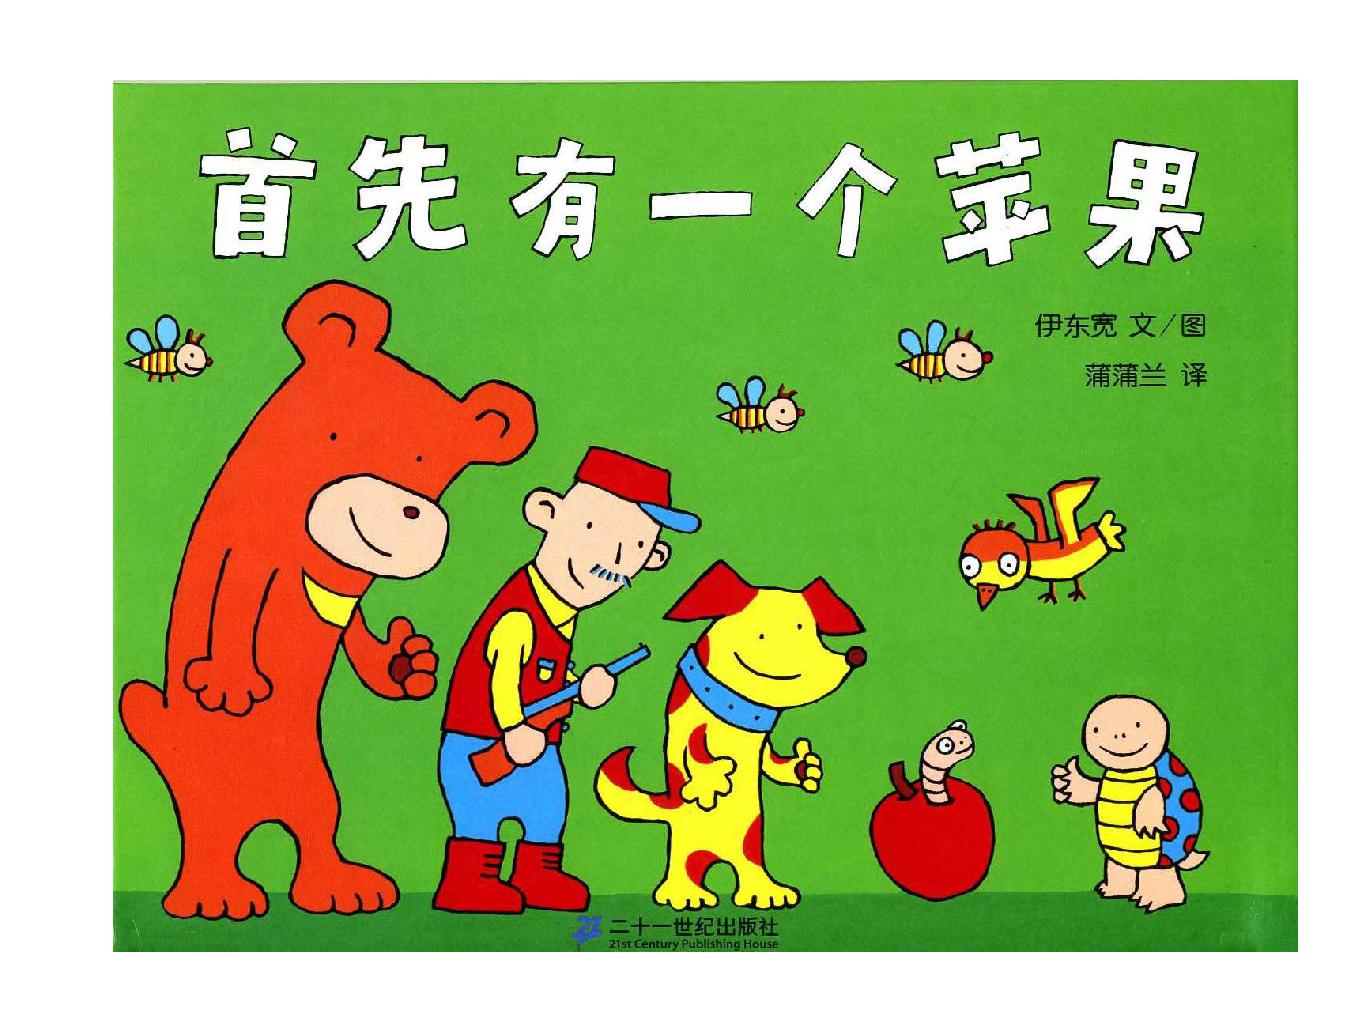 青岛版小学一年级数学 绘本故事ppt 首先有一个苹果 一年级上